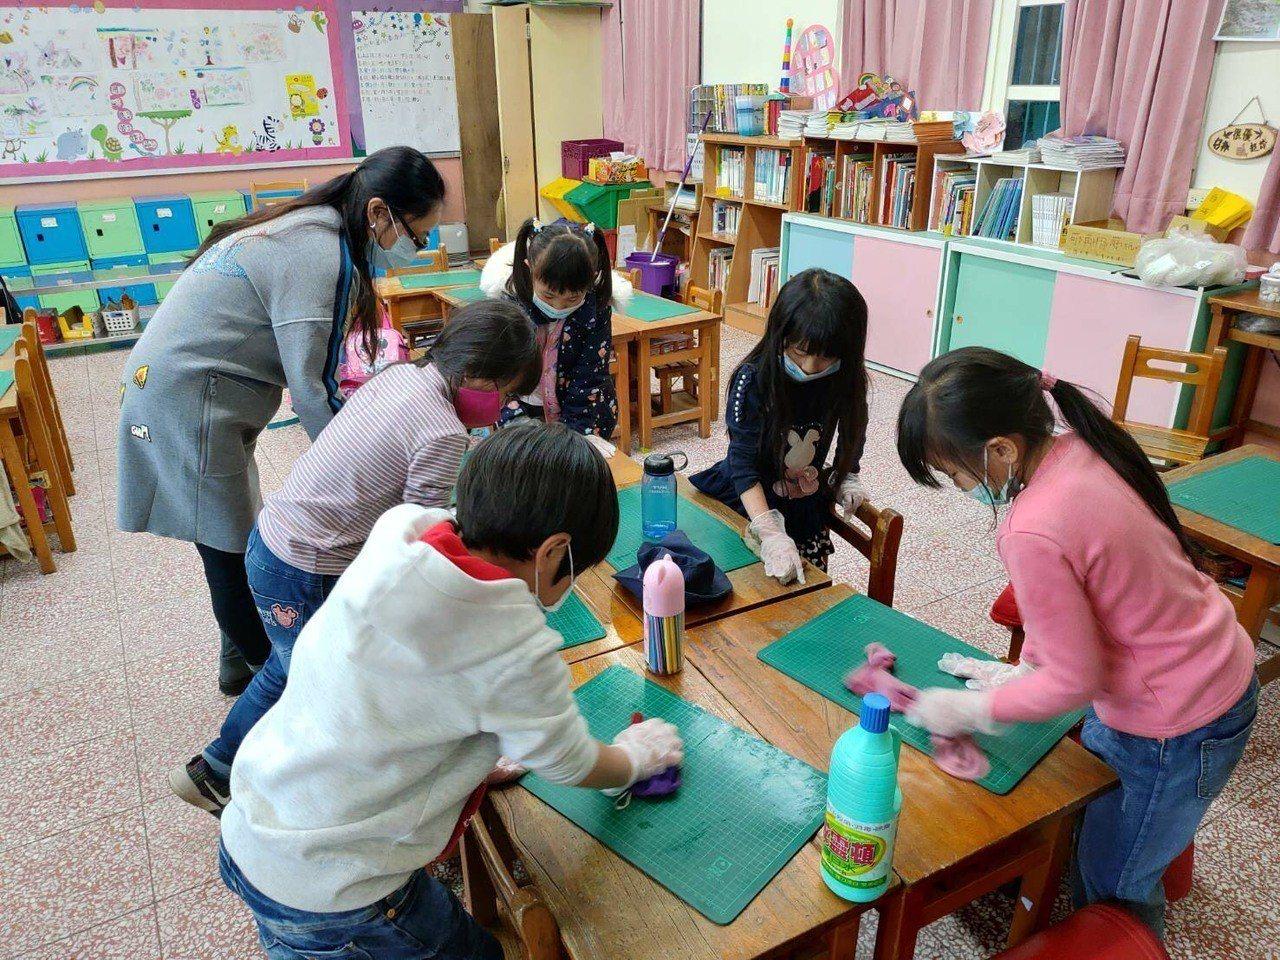 台中市衛生局在梨山國中小環境消毒,使用稀釋漂白水1000至2000ppm消毒教室...